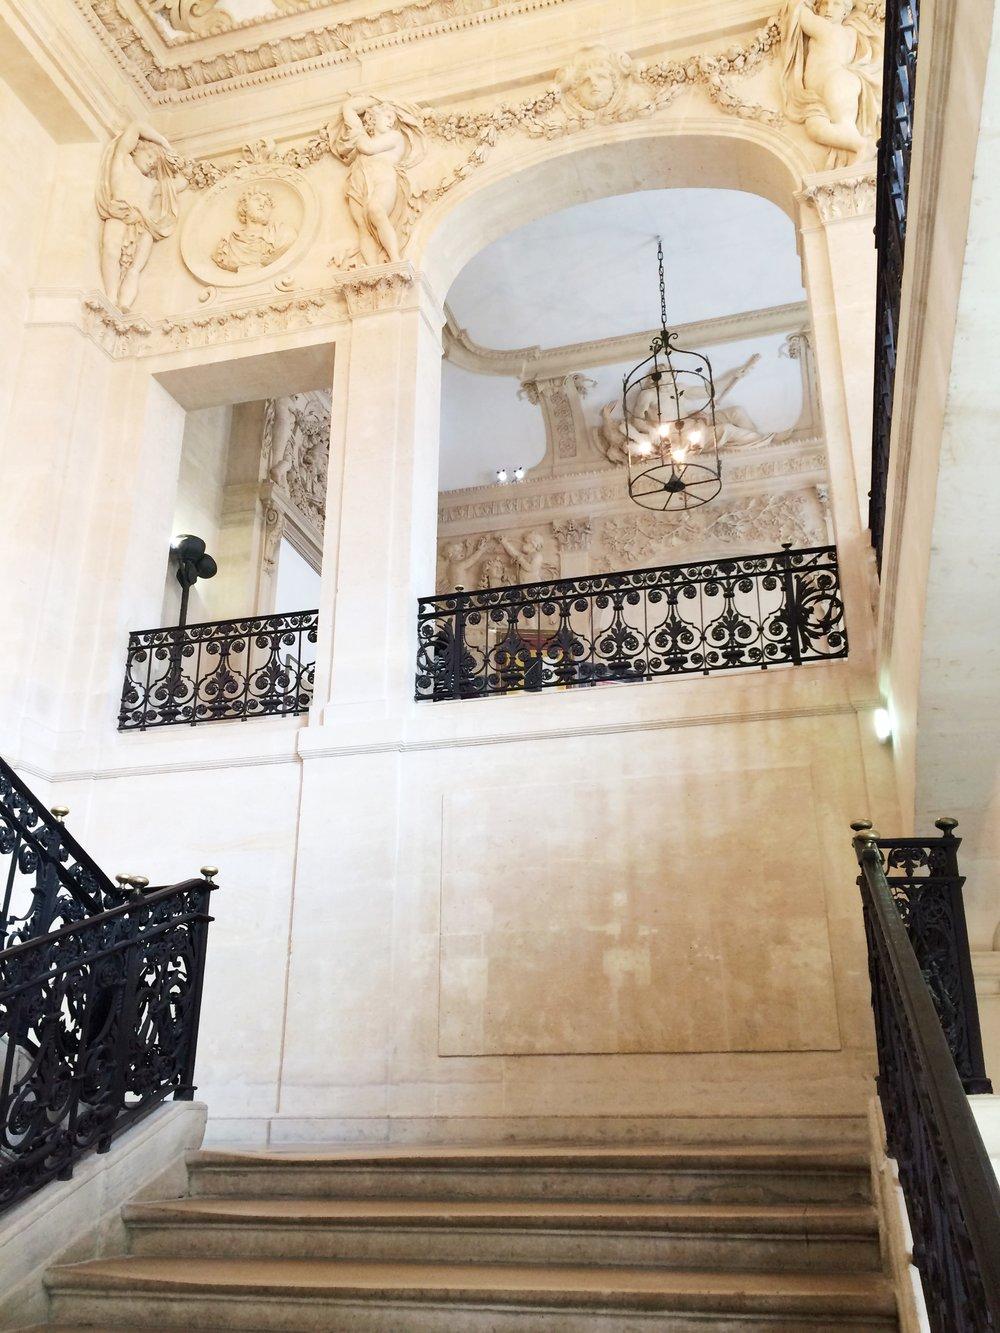 Picasso Museum Paris Stairs.jpg